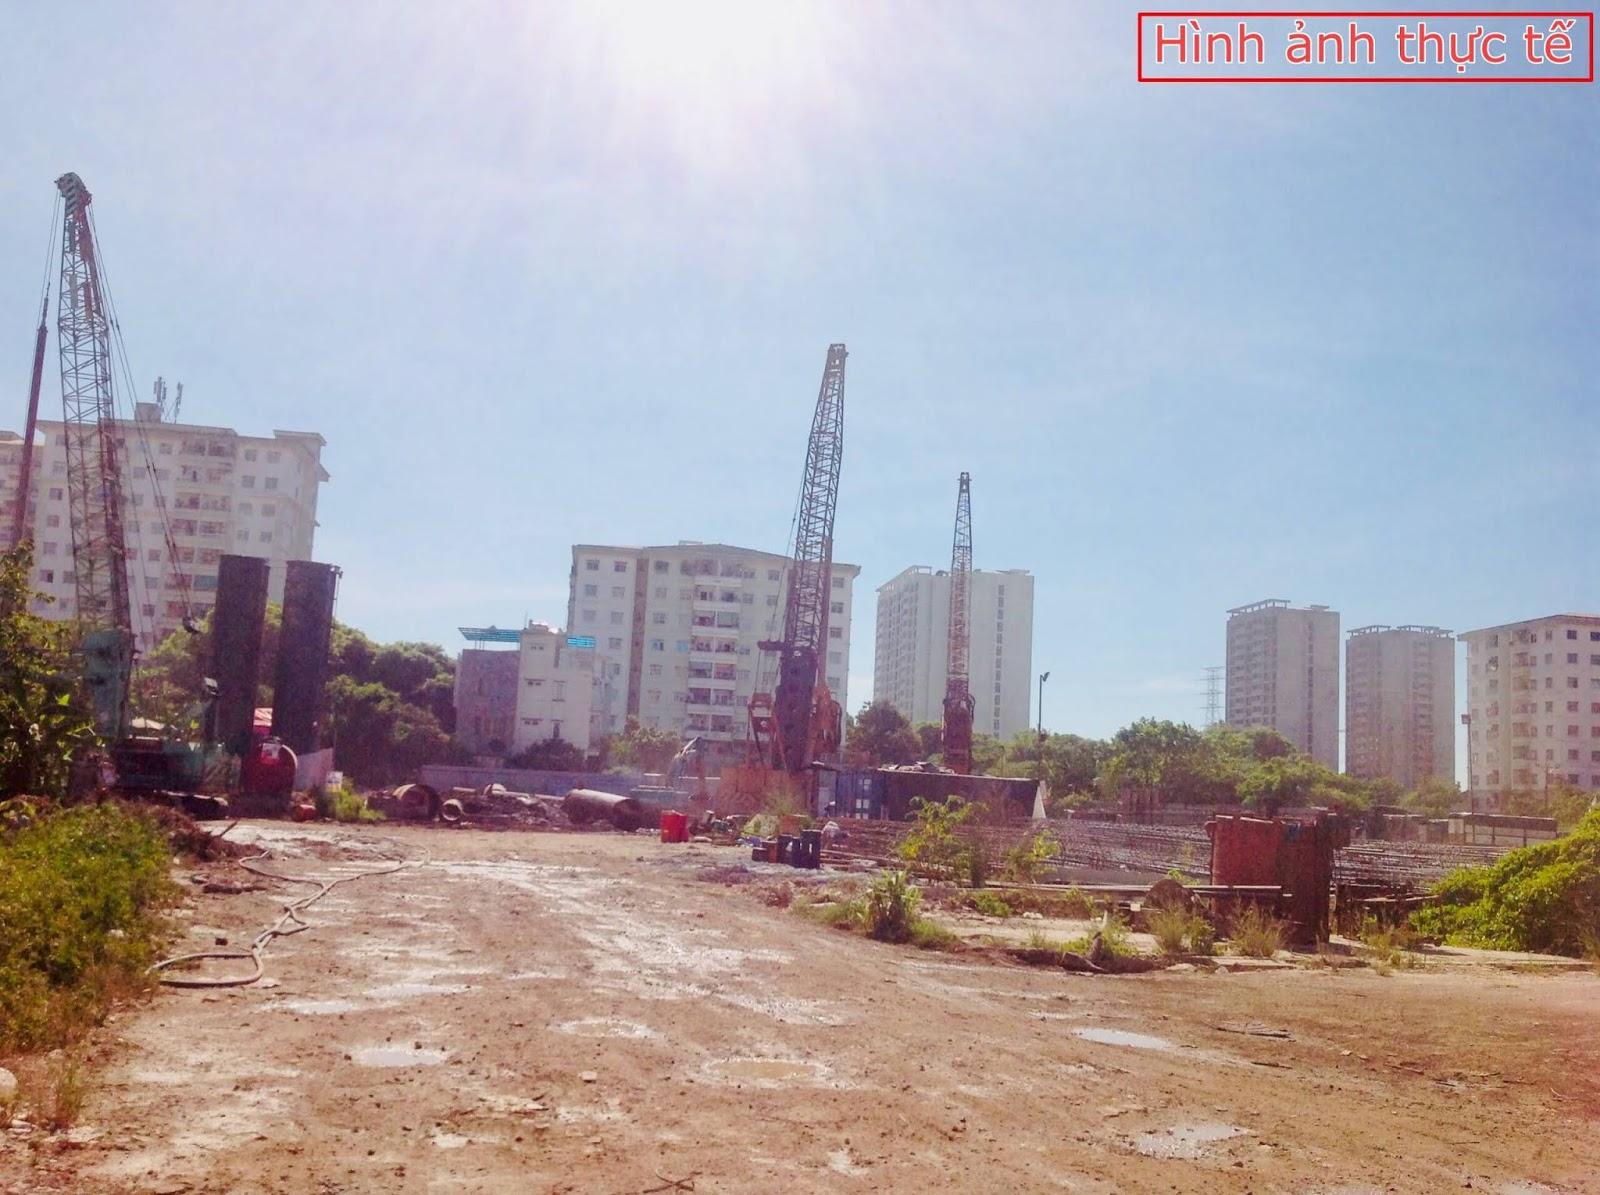 Tiến độ xây dựng thực tế của dự án chung cư Rose Town